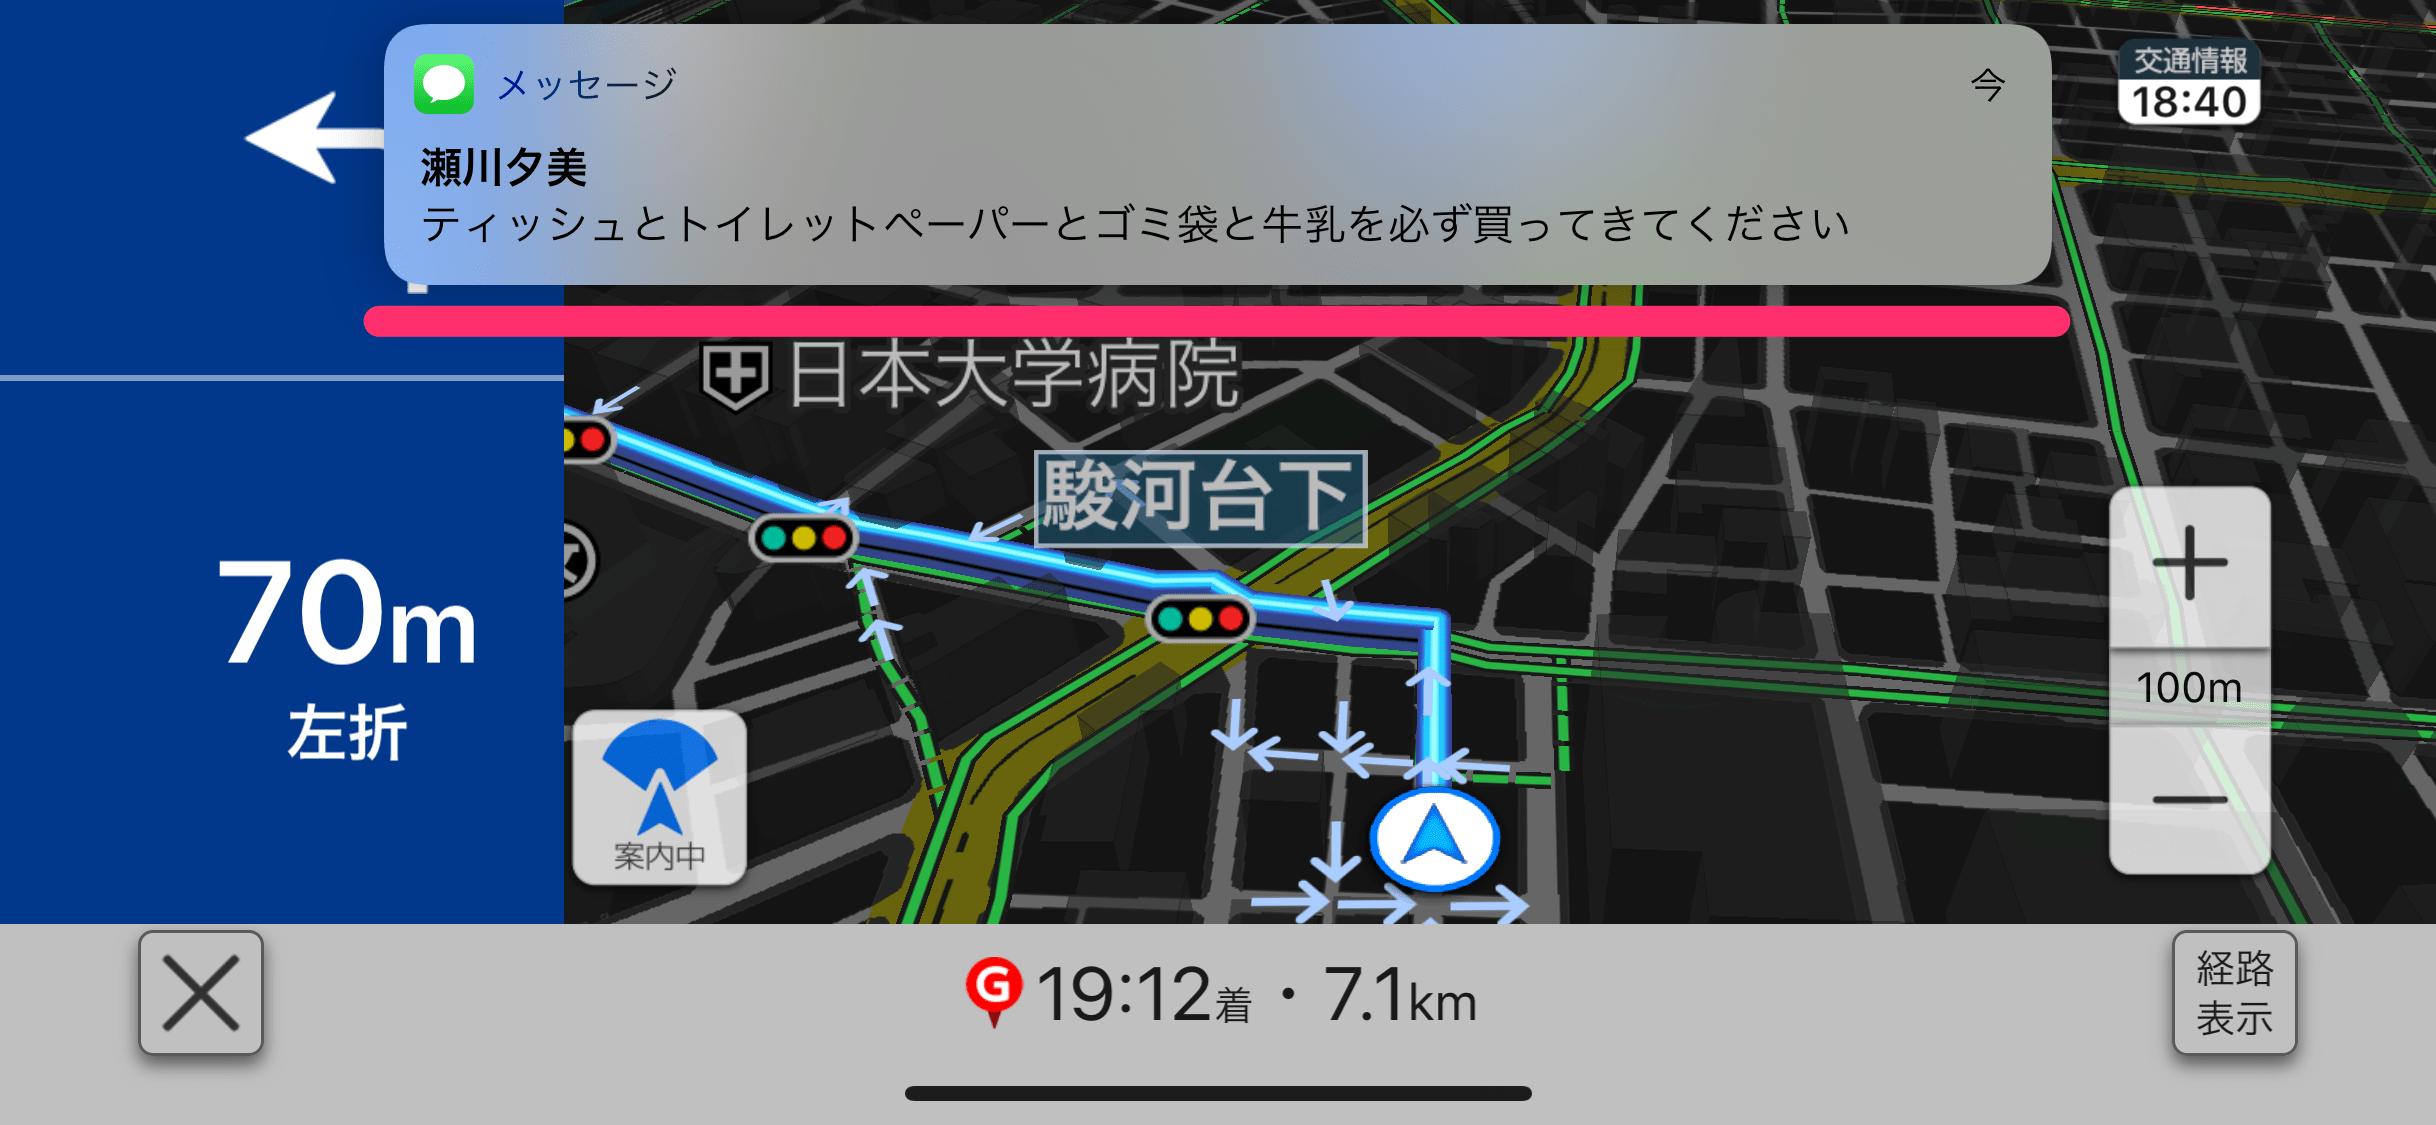 スマホナビ派におすすめ! iPhoneの「運転中の通知を停止」(ドライブモード)の使い方